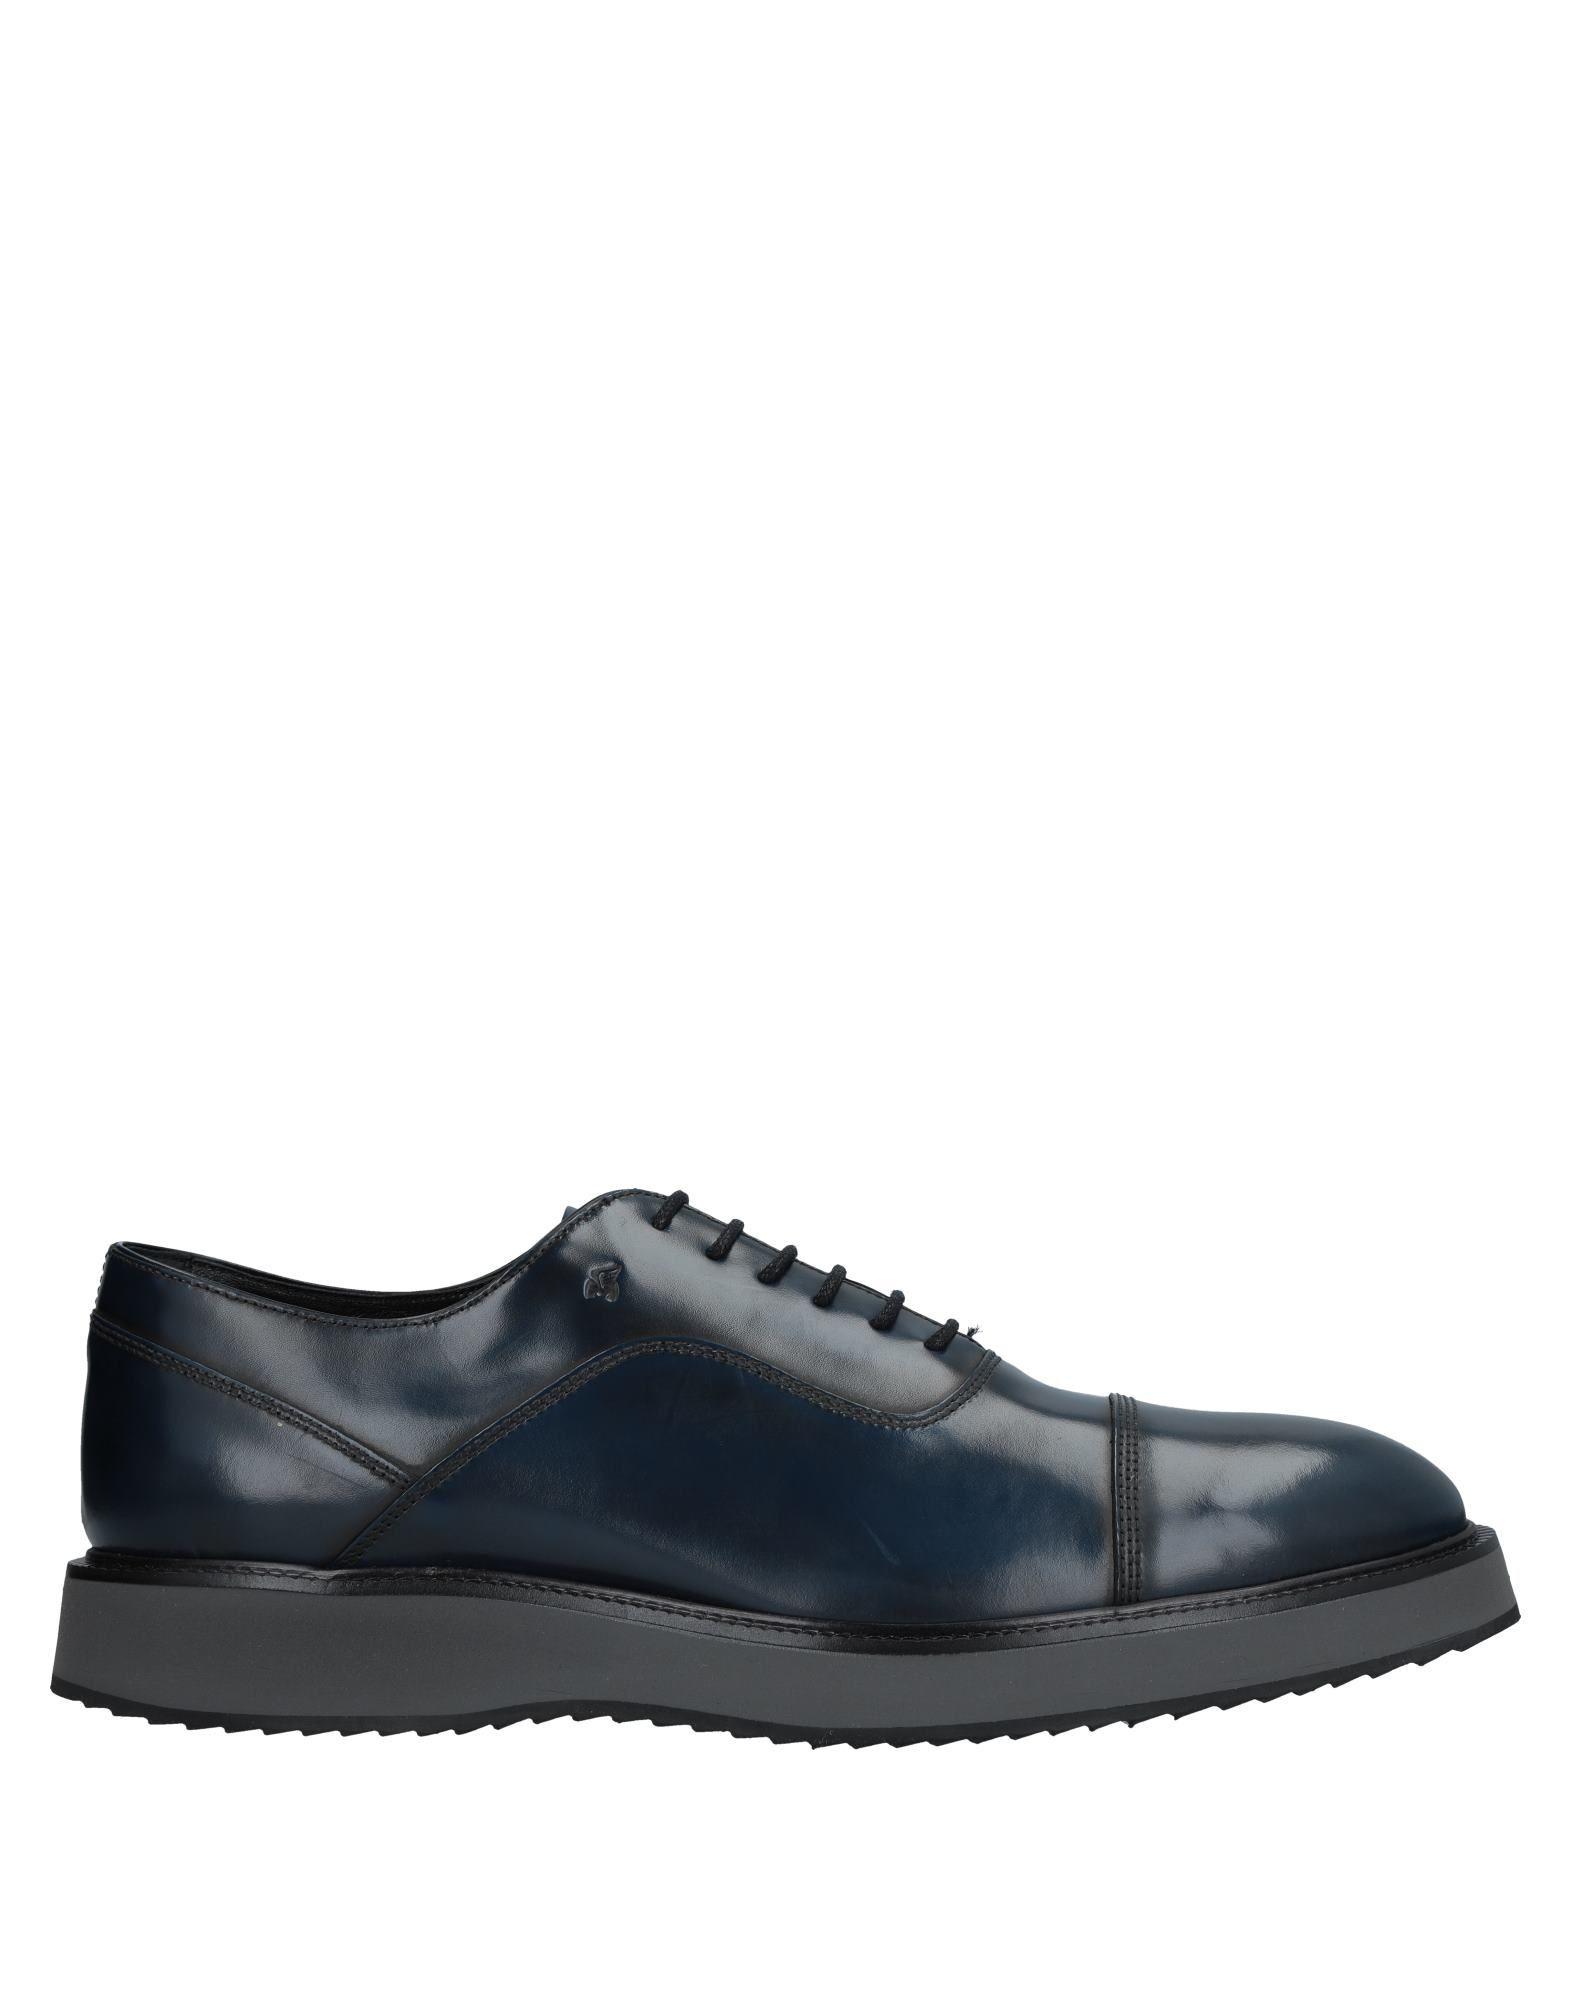 Hogan Schnürschuhe Herren  11299260LV Gute Qualität beliebte Schuhe